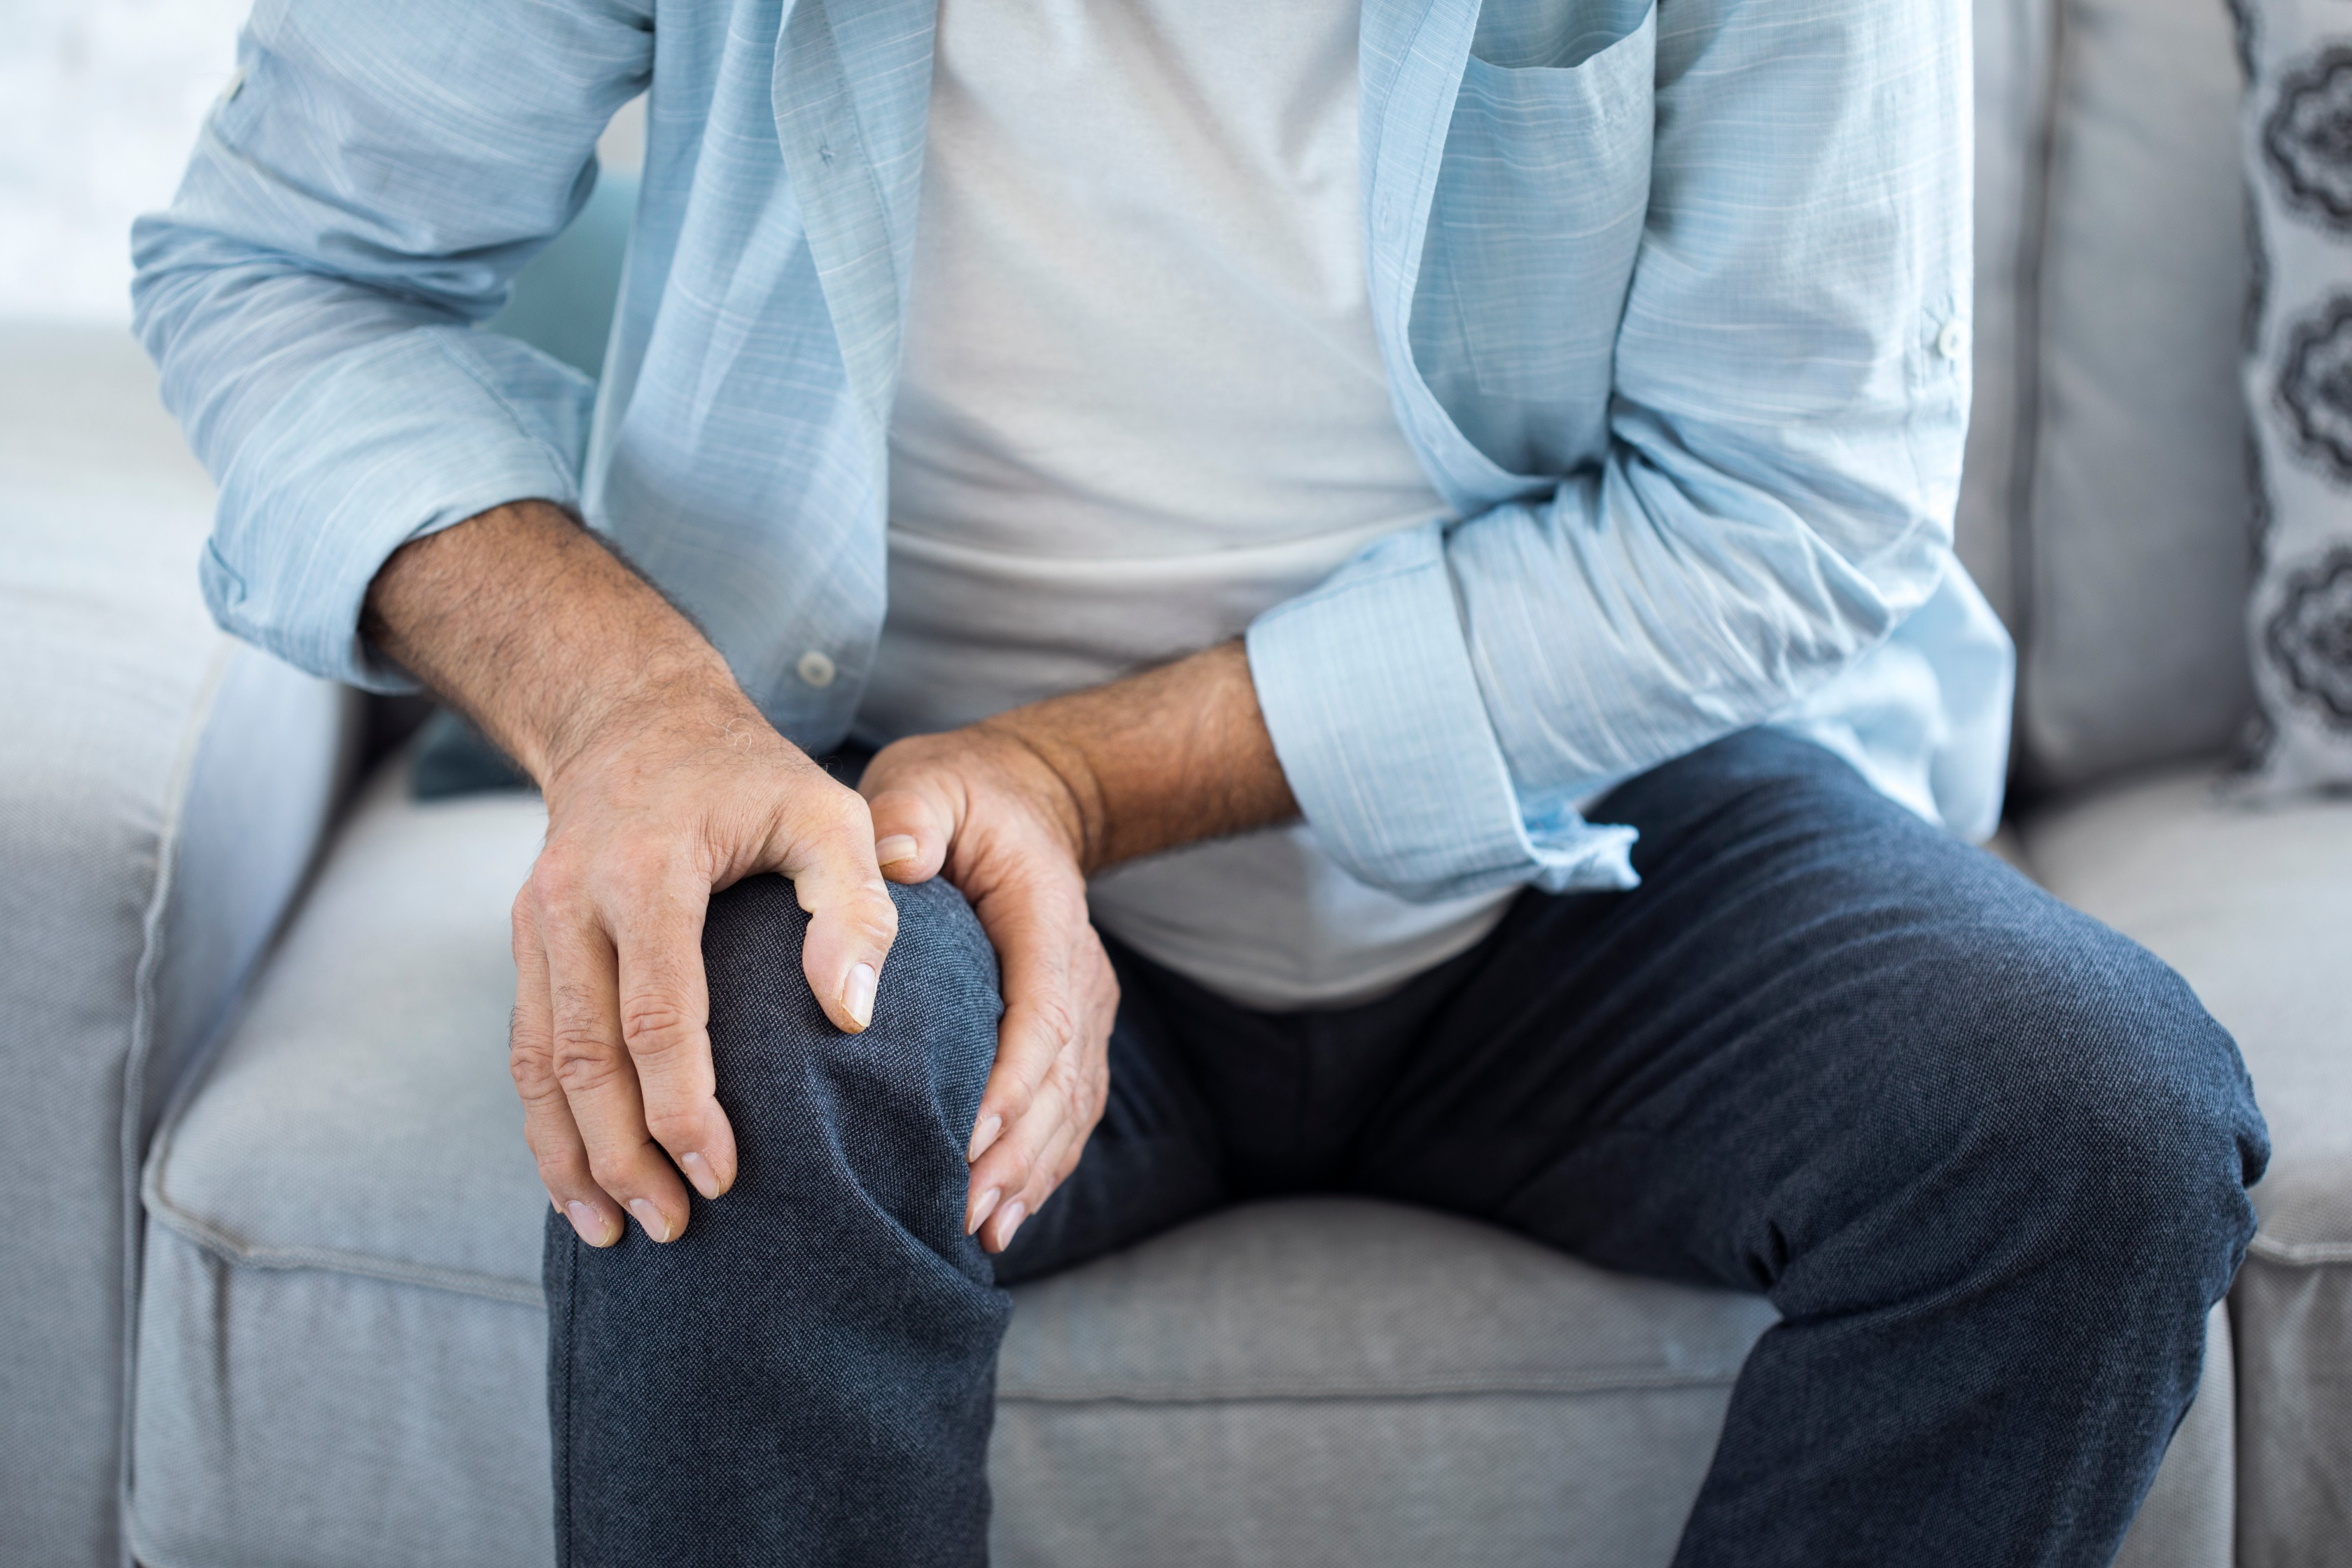 fájdalom és fájó ízületek hogyan lehet eltávolítani a boka duzzanatát